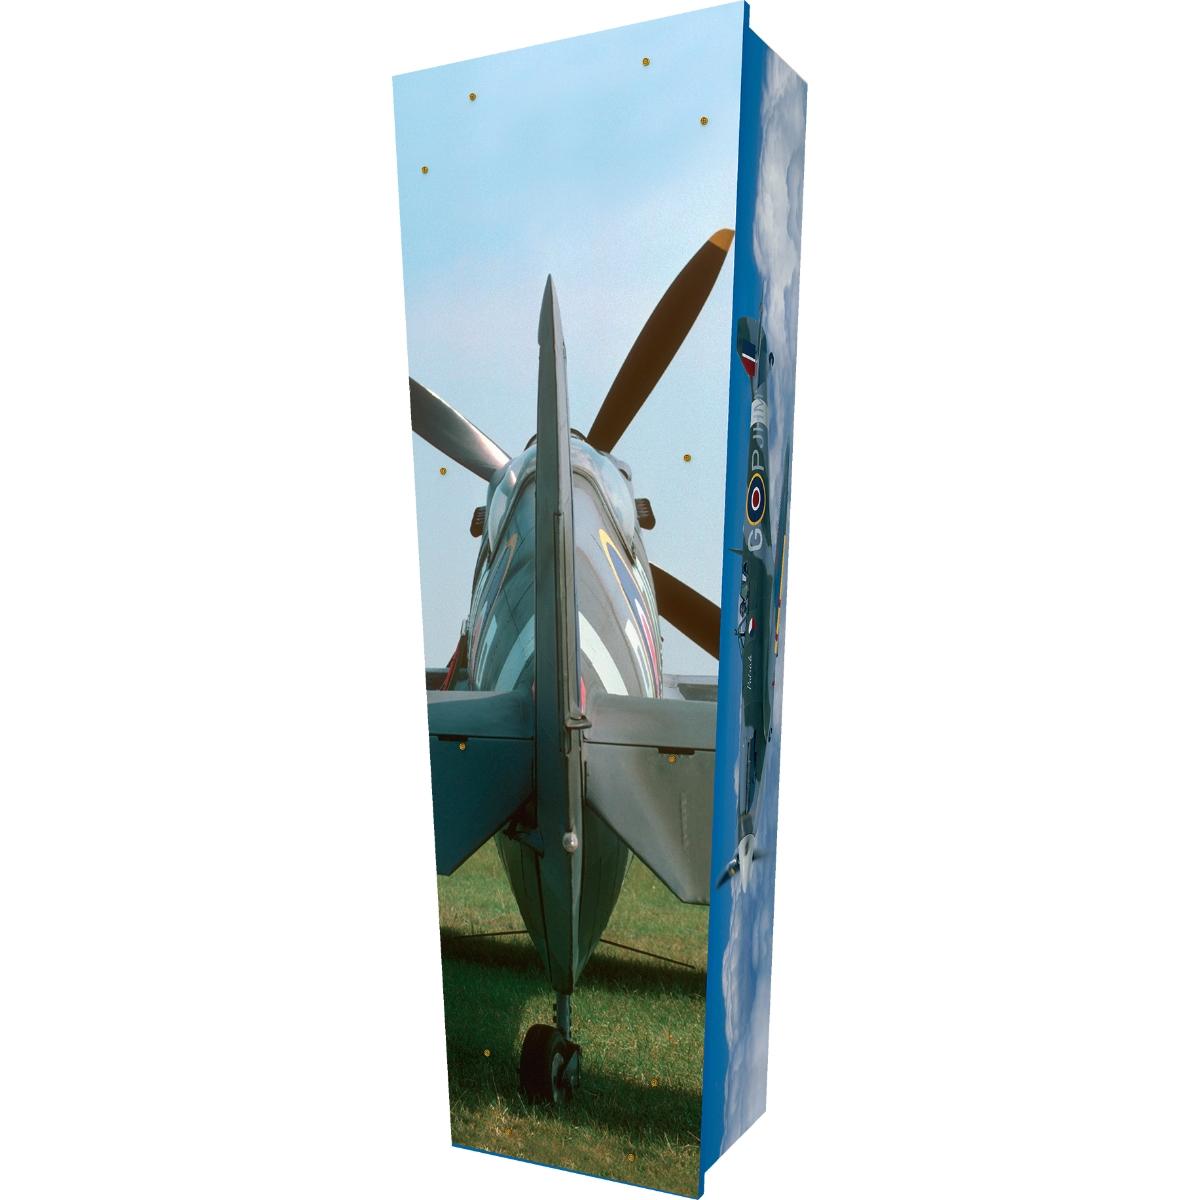 Spitfire Coffin